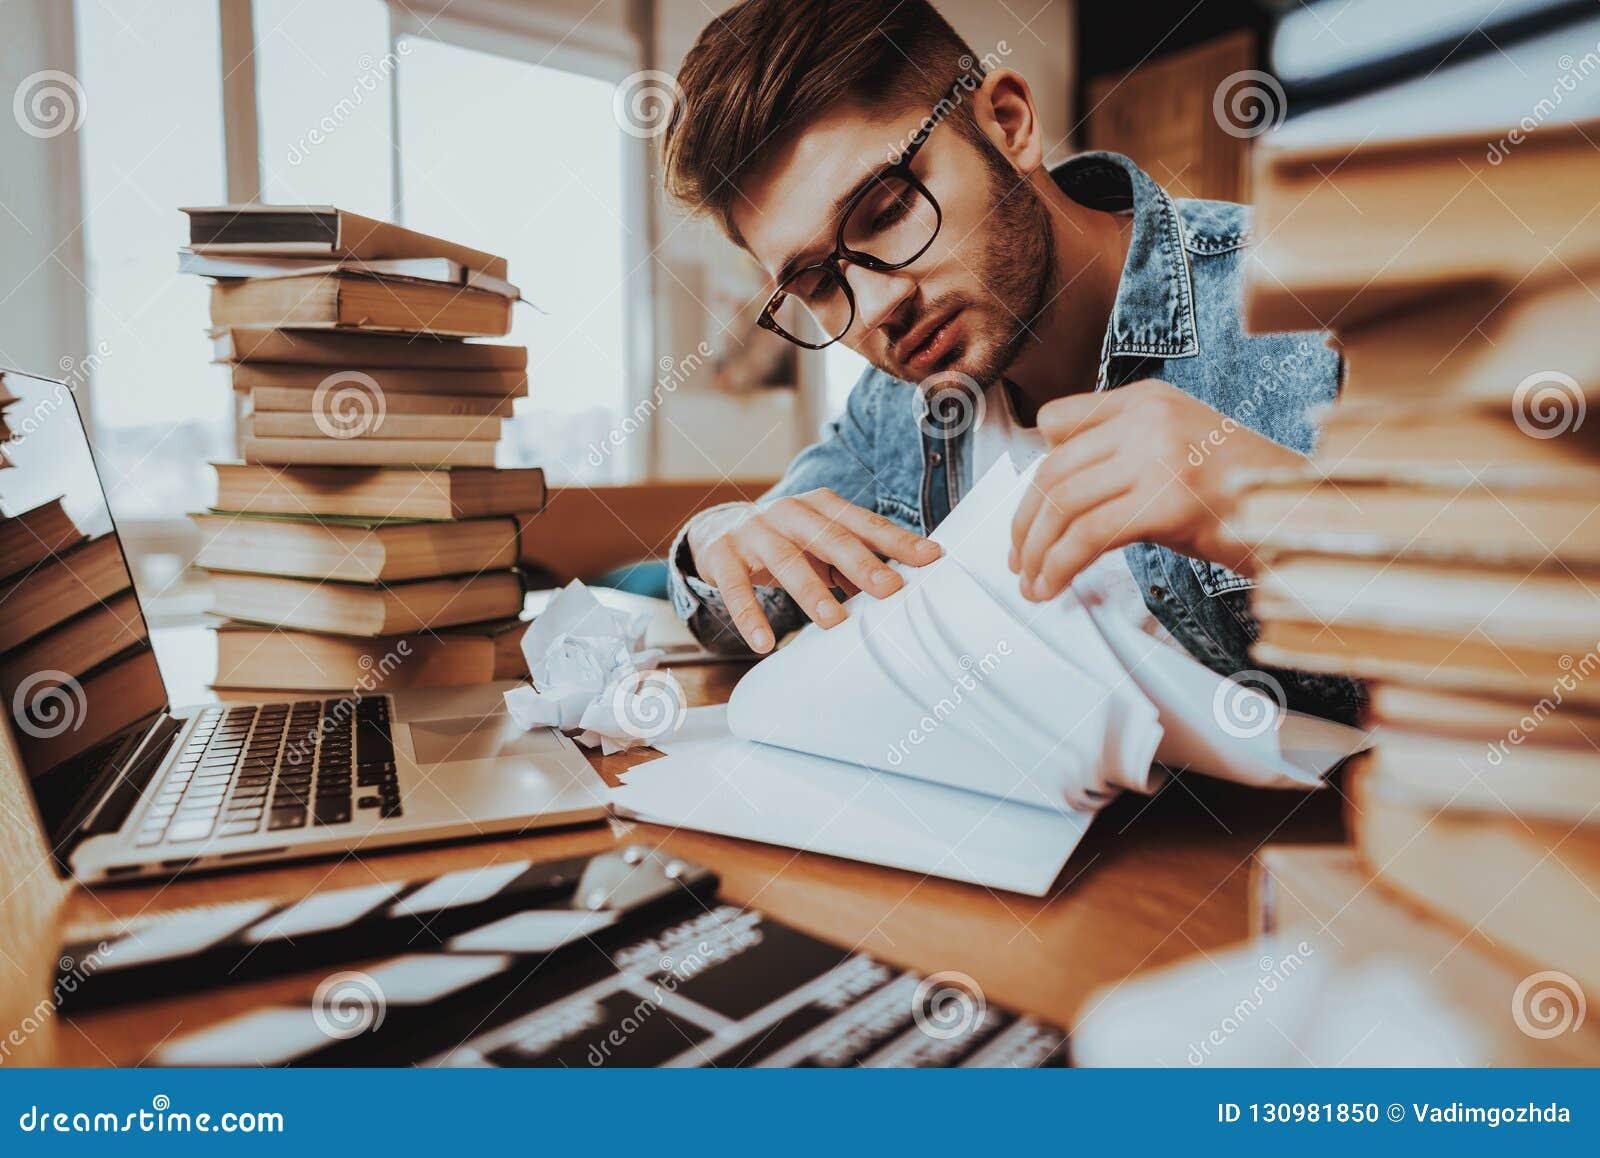 De schrijver Working op Laptop zit met Stapel Boeken